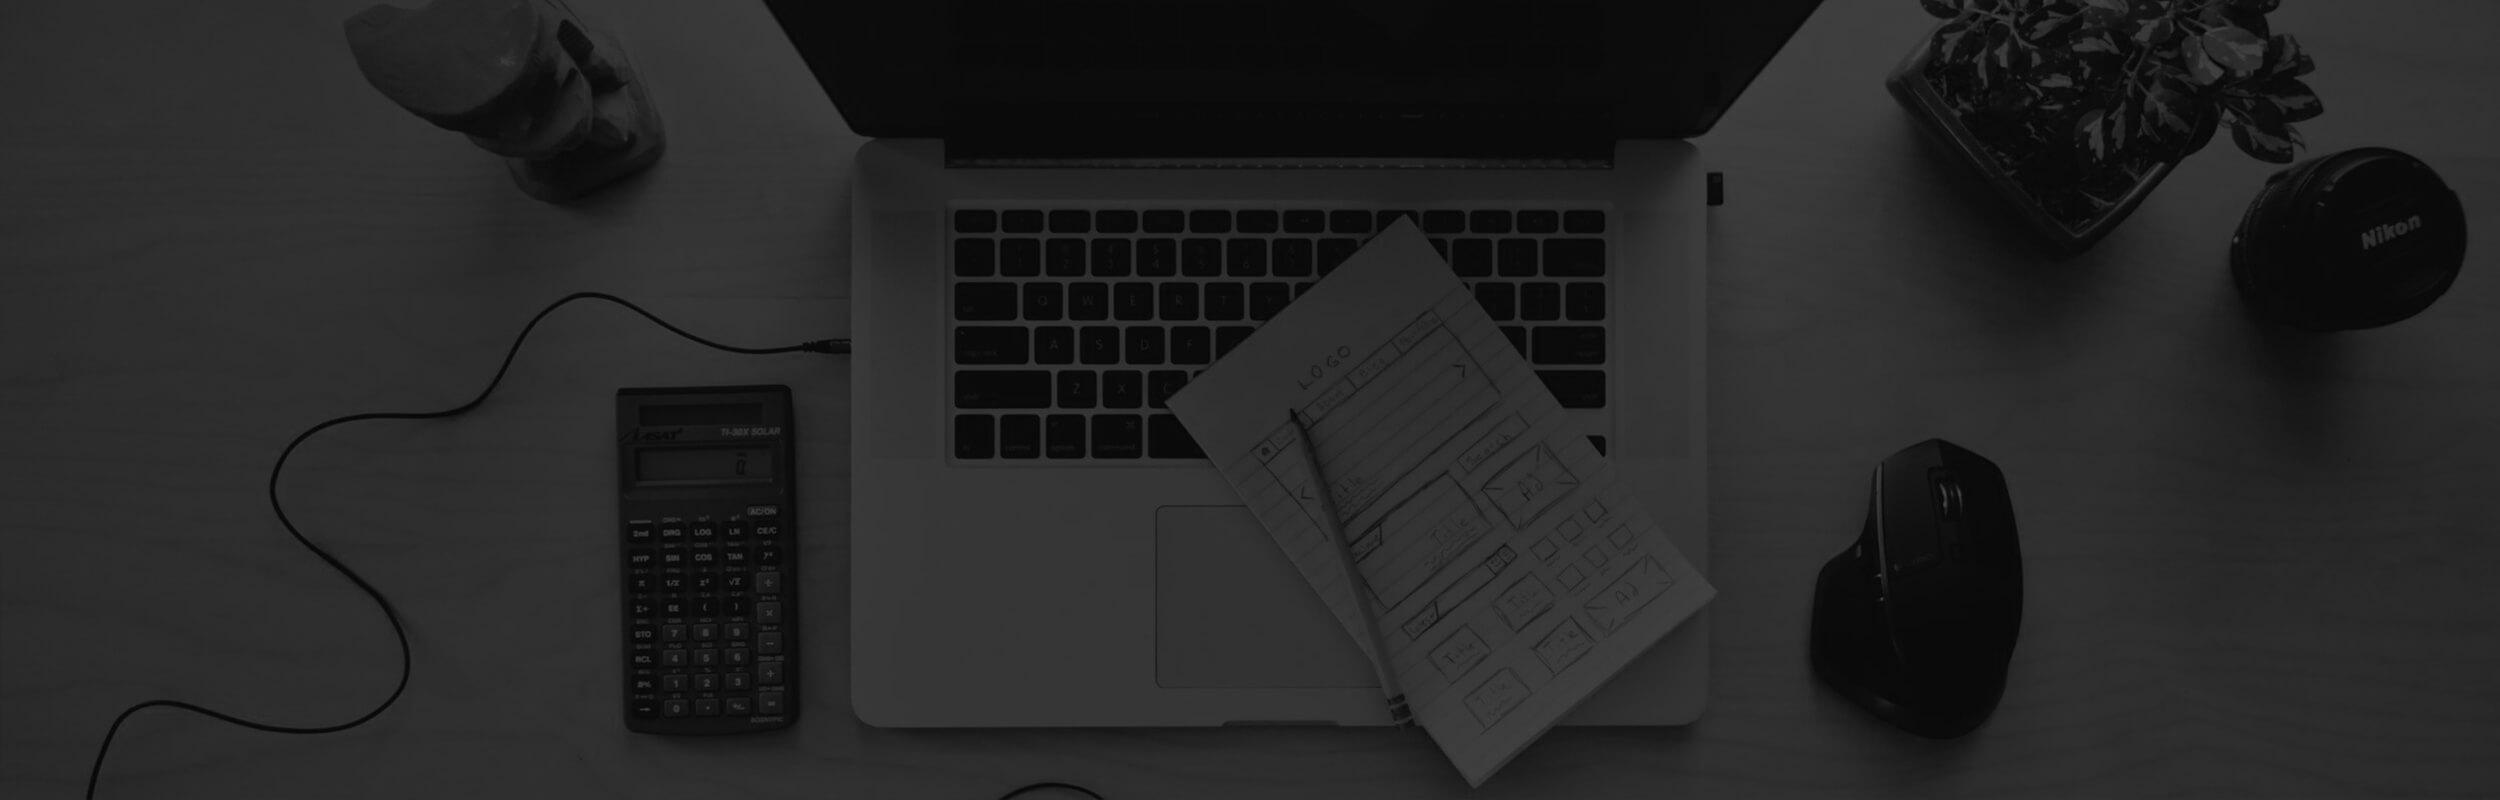 notebook a príslušenstvo v čierno-bielej